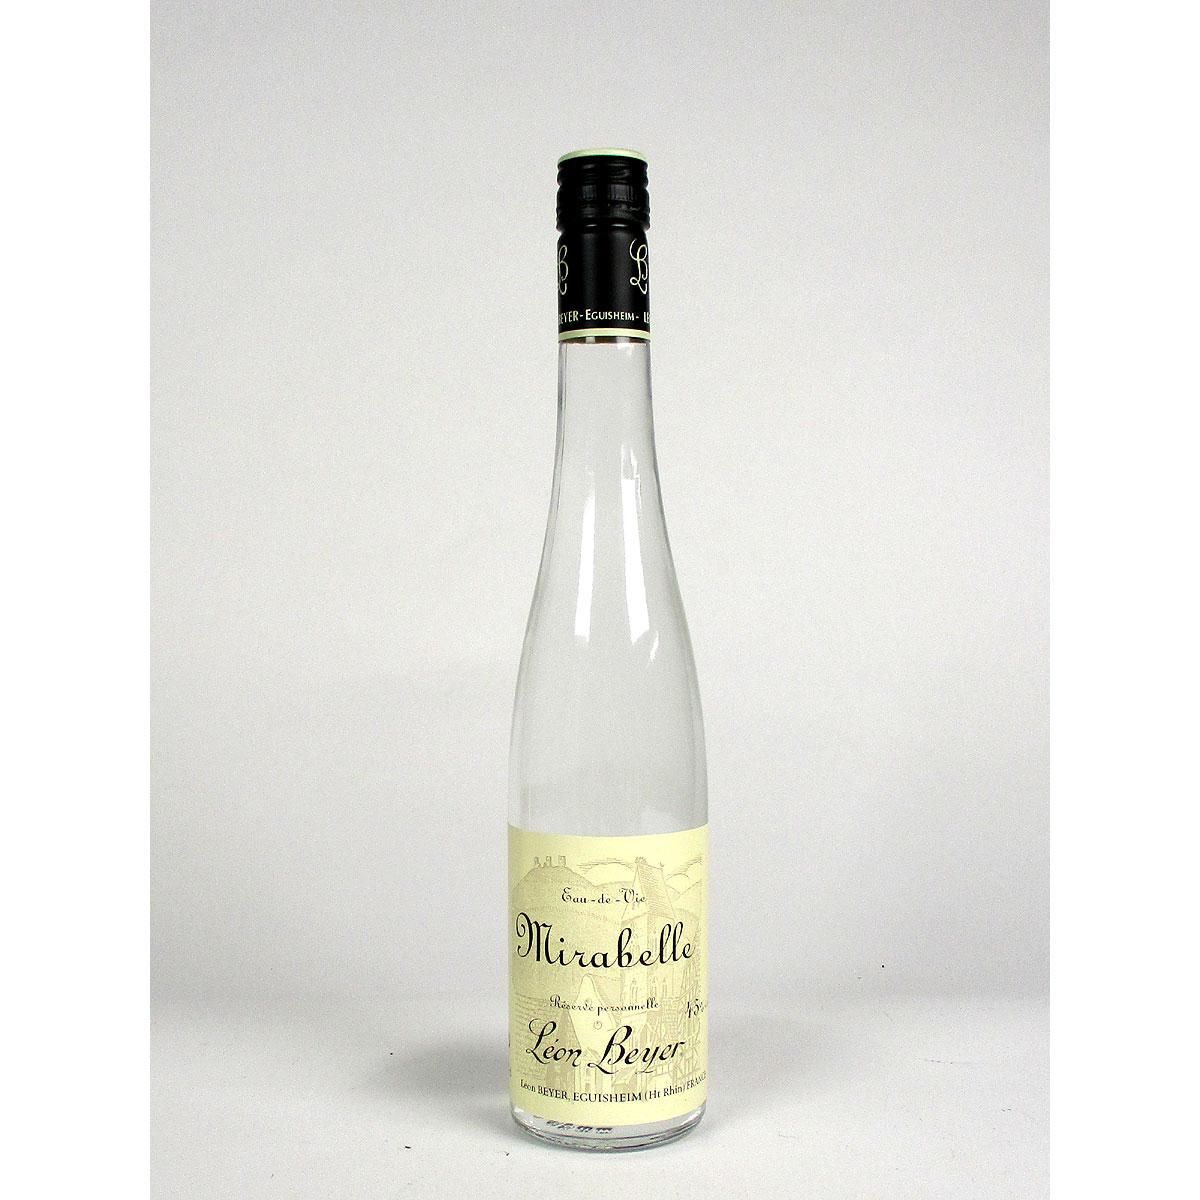 Eau-de-Vie Mirabelle 'Réserve Personelle': Léon Beyer - Bottle